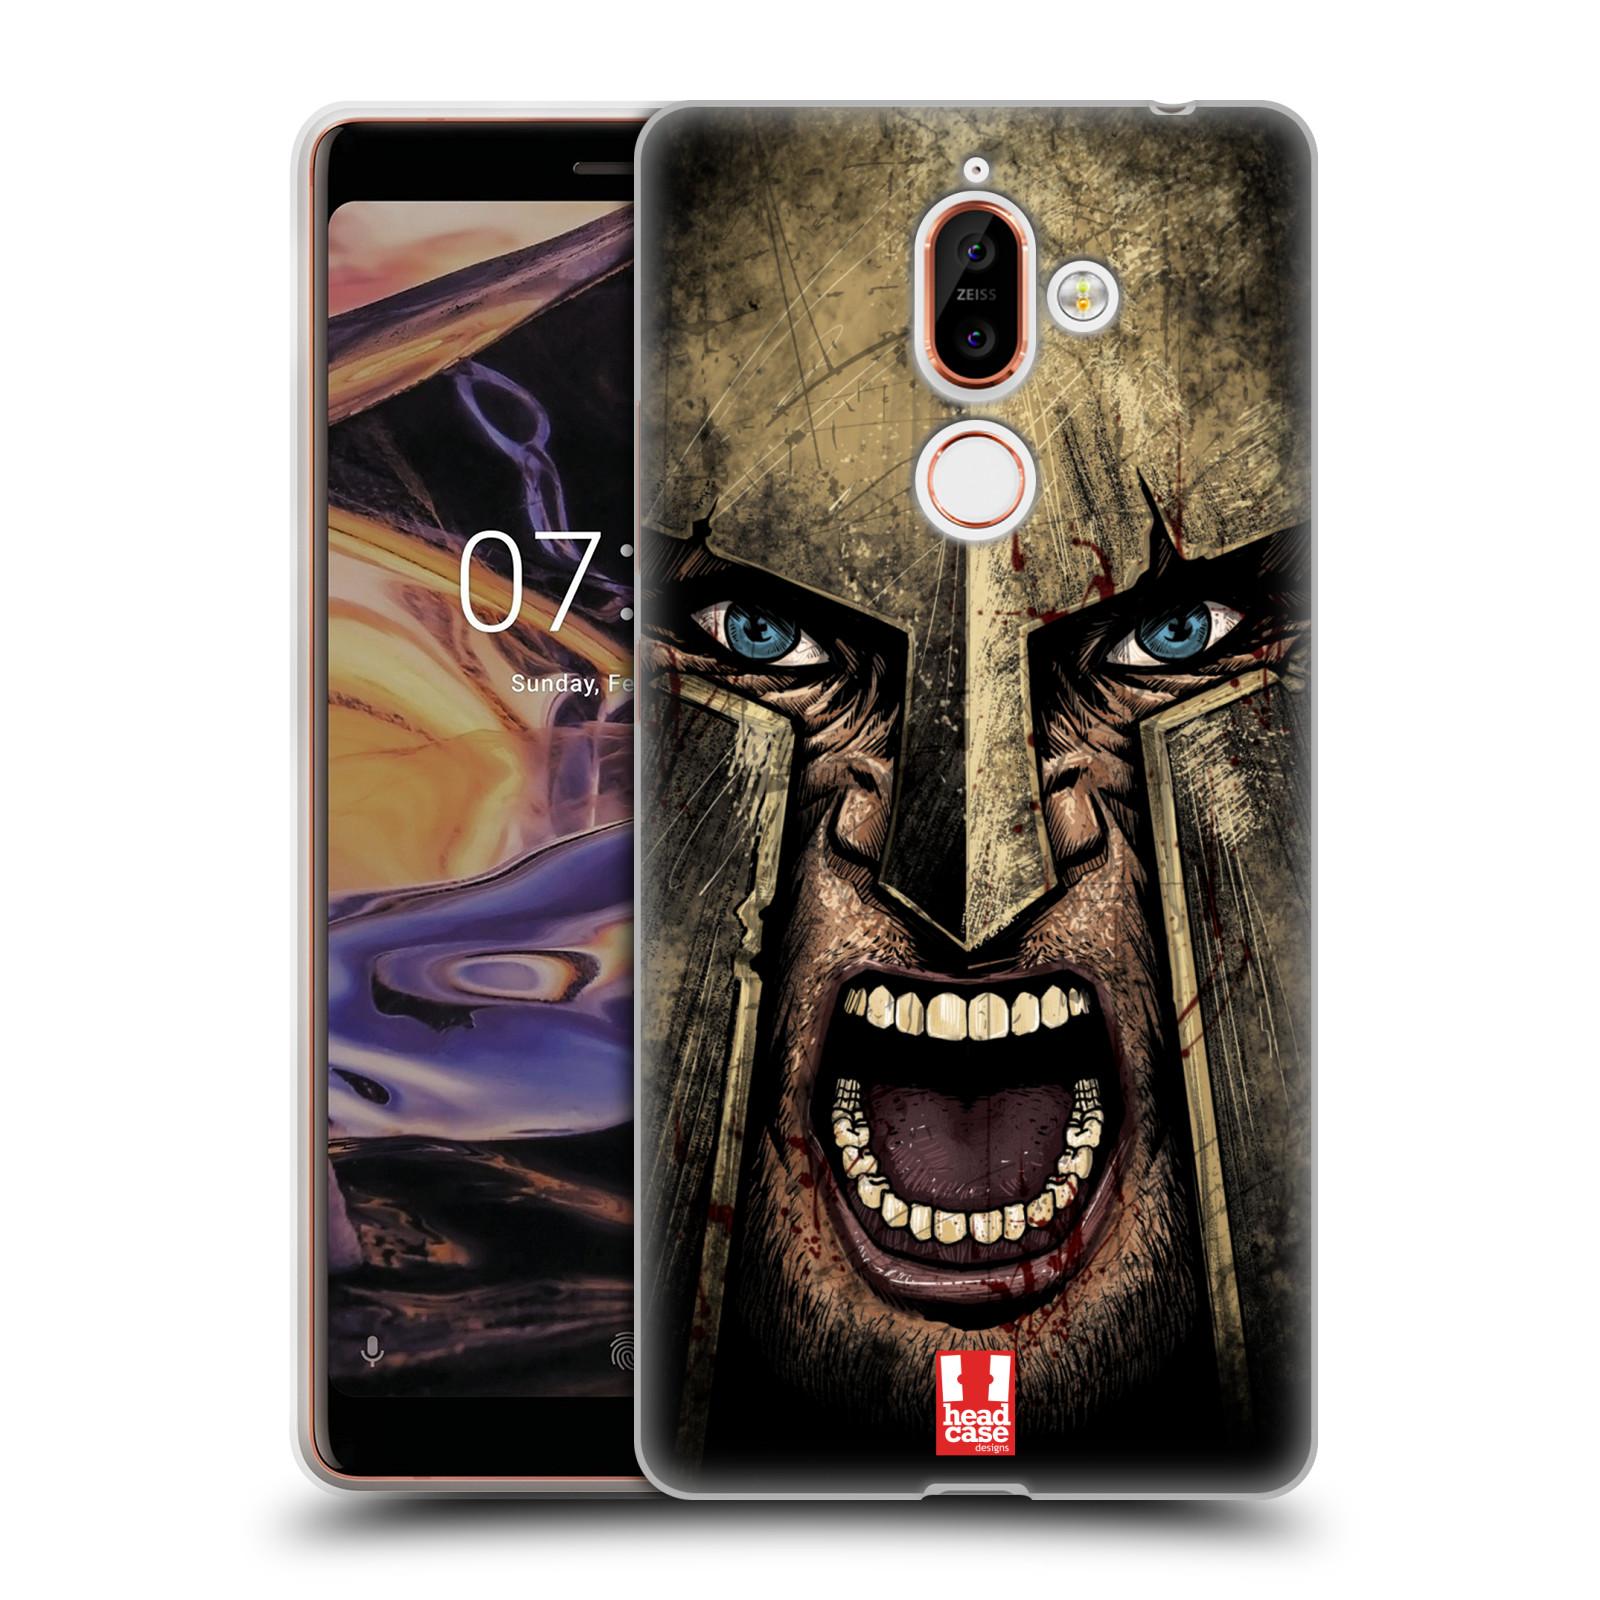 Silikonové pouzdro na mobil Nokia 7 Plus - Head Case - Řvoucí válečník